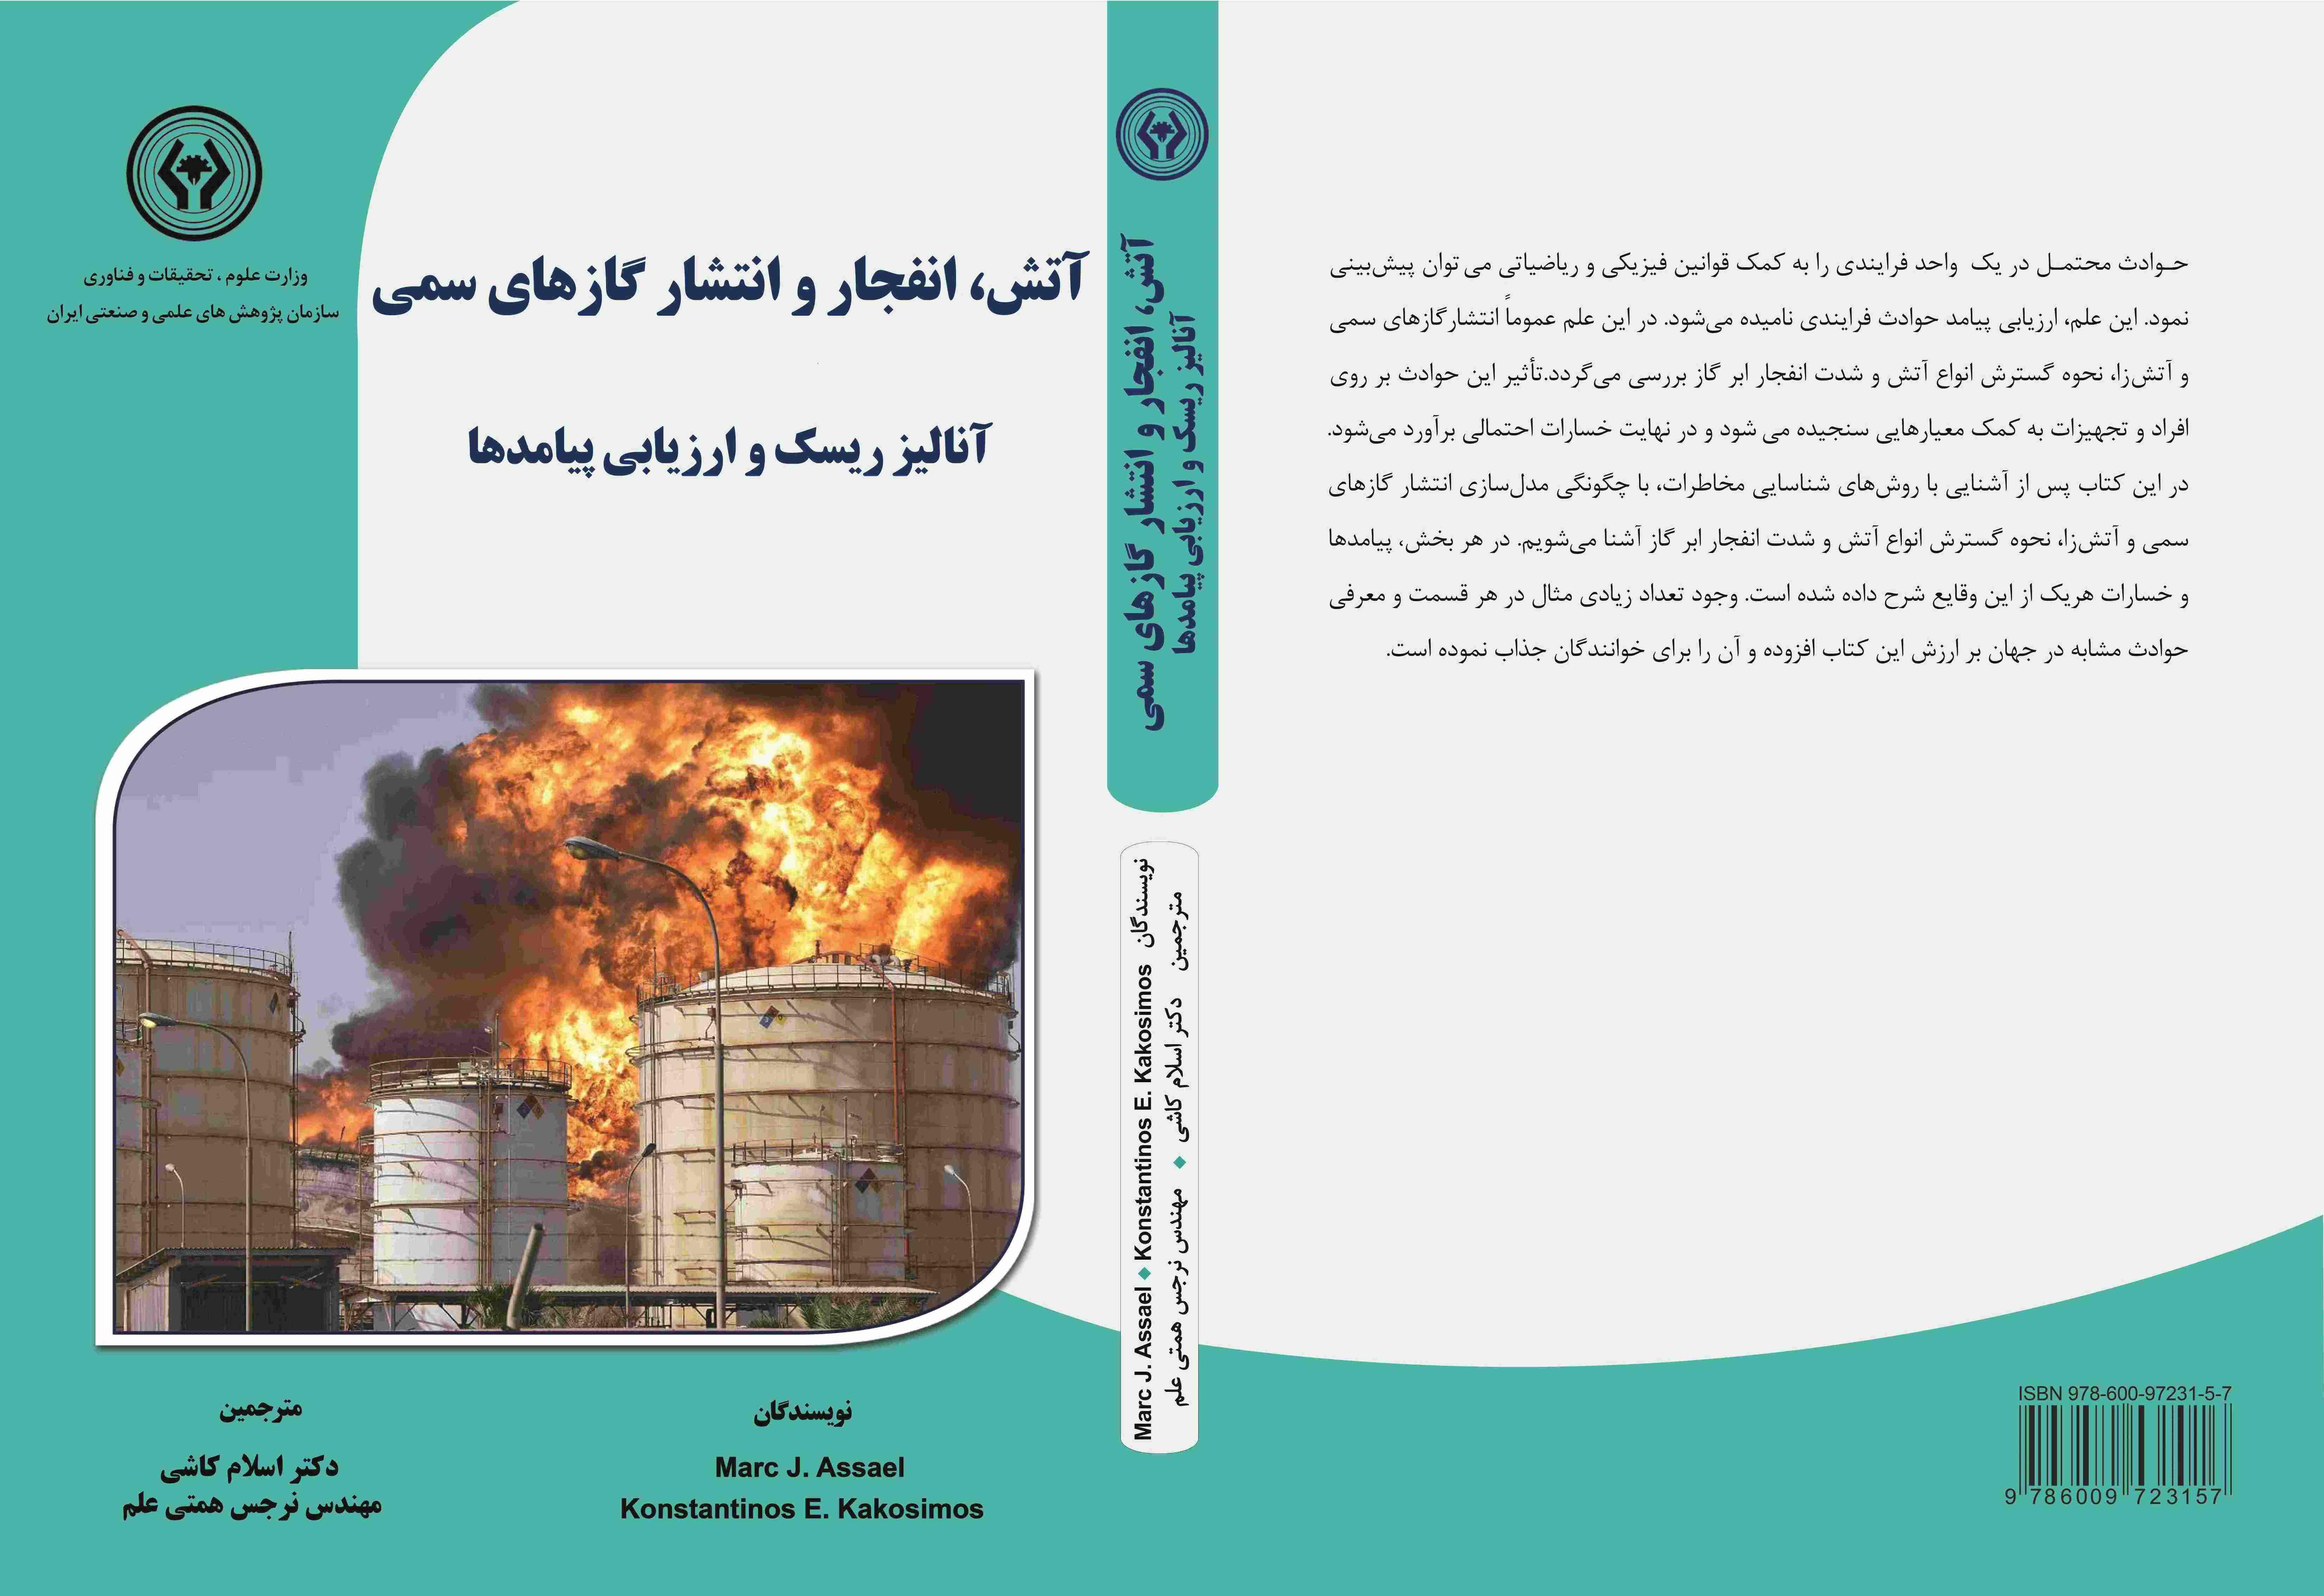 آتش، انفجار و انتشار گازهای سمی- آنالیز ریسک و ارزیابی پیامدها